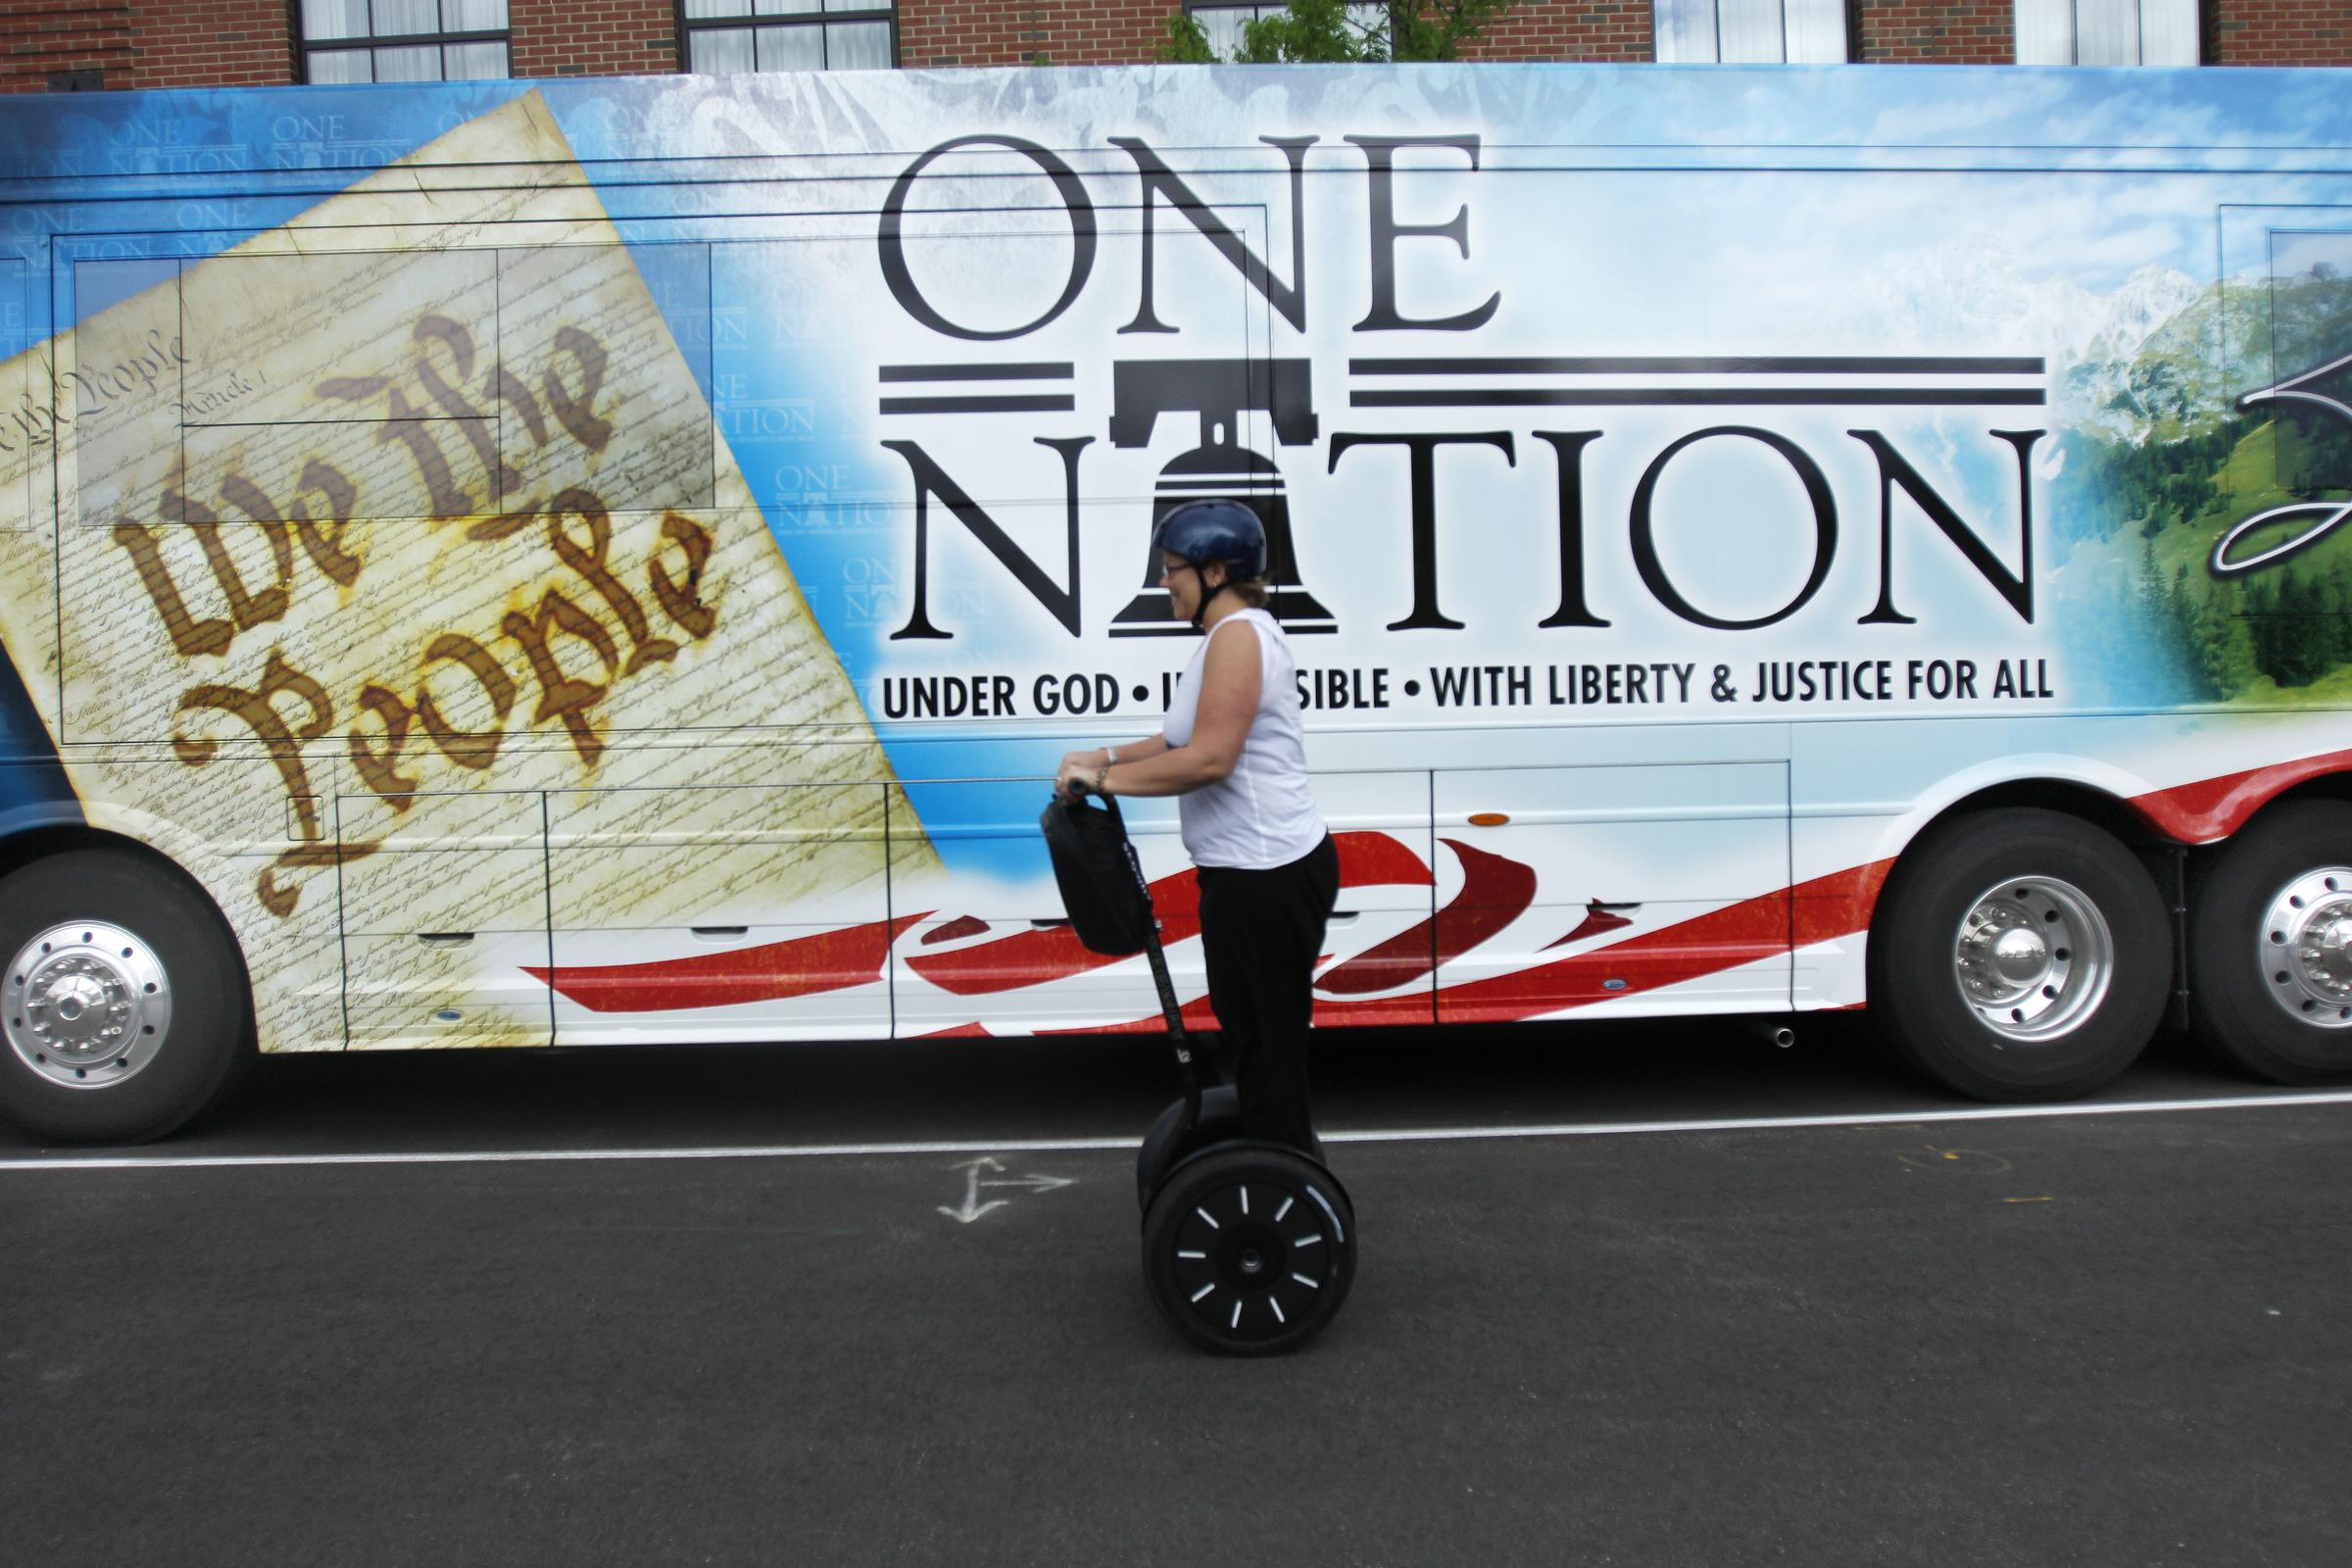 Sarah Palin Bus Tour 110602_08_2.jpg